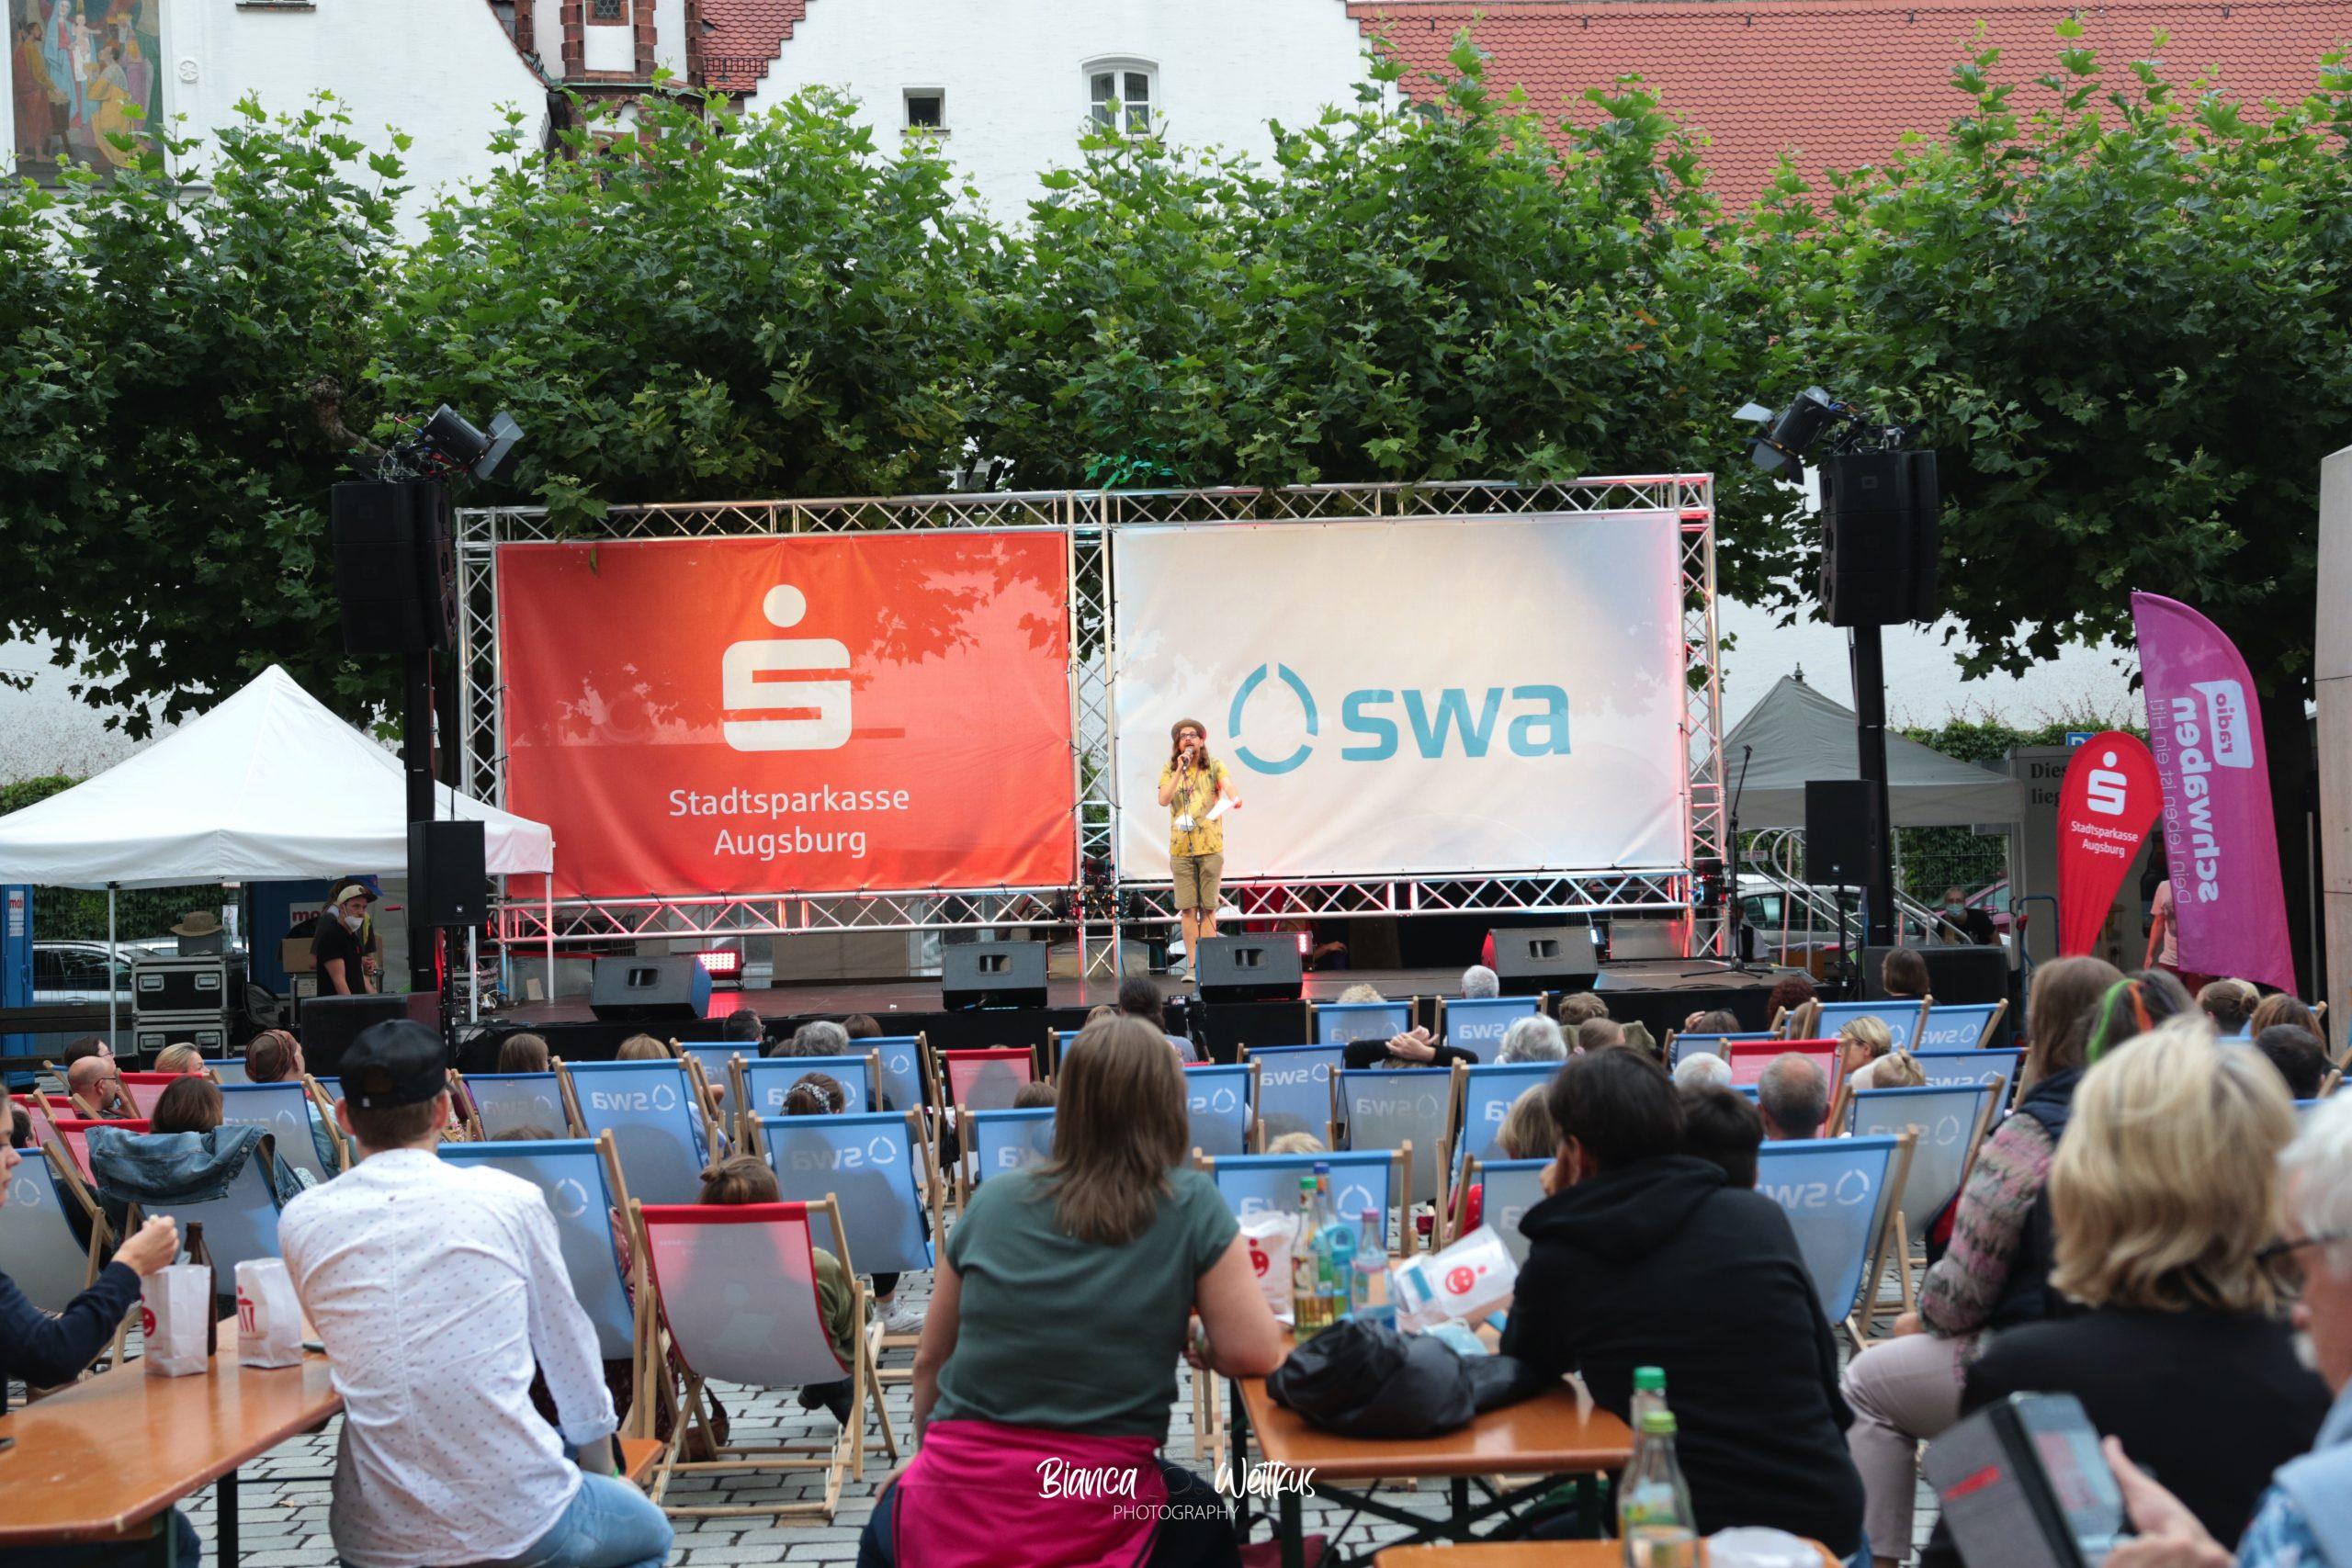 Veranstaltungstechnik für Bühnen